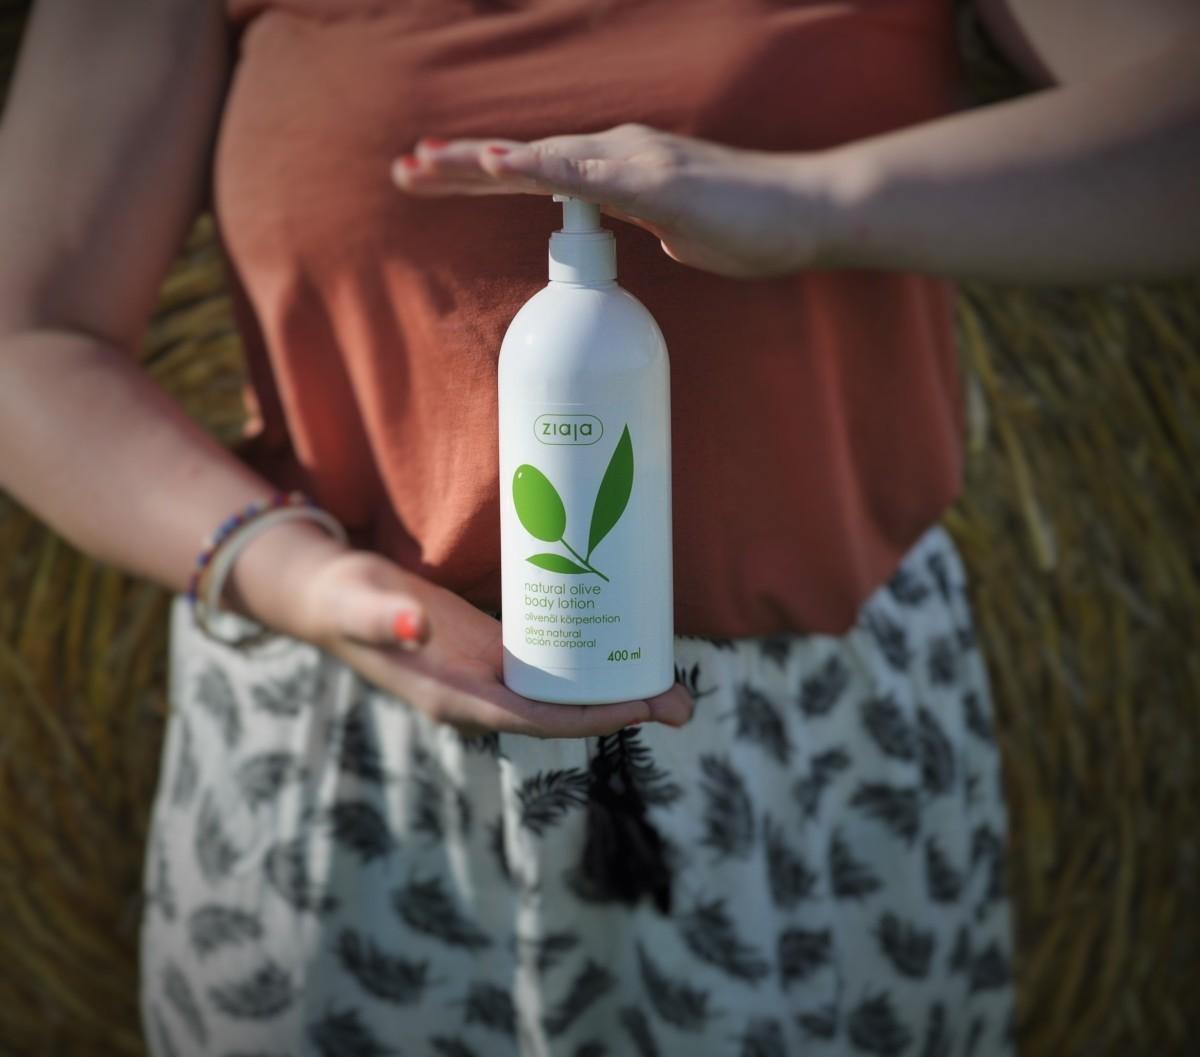 Ziaja Bodylotion - Kakaobutter, Olivenöl,Kokos & Ziegenmilch - Hautpflege für den Sommer [ Review ]